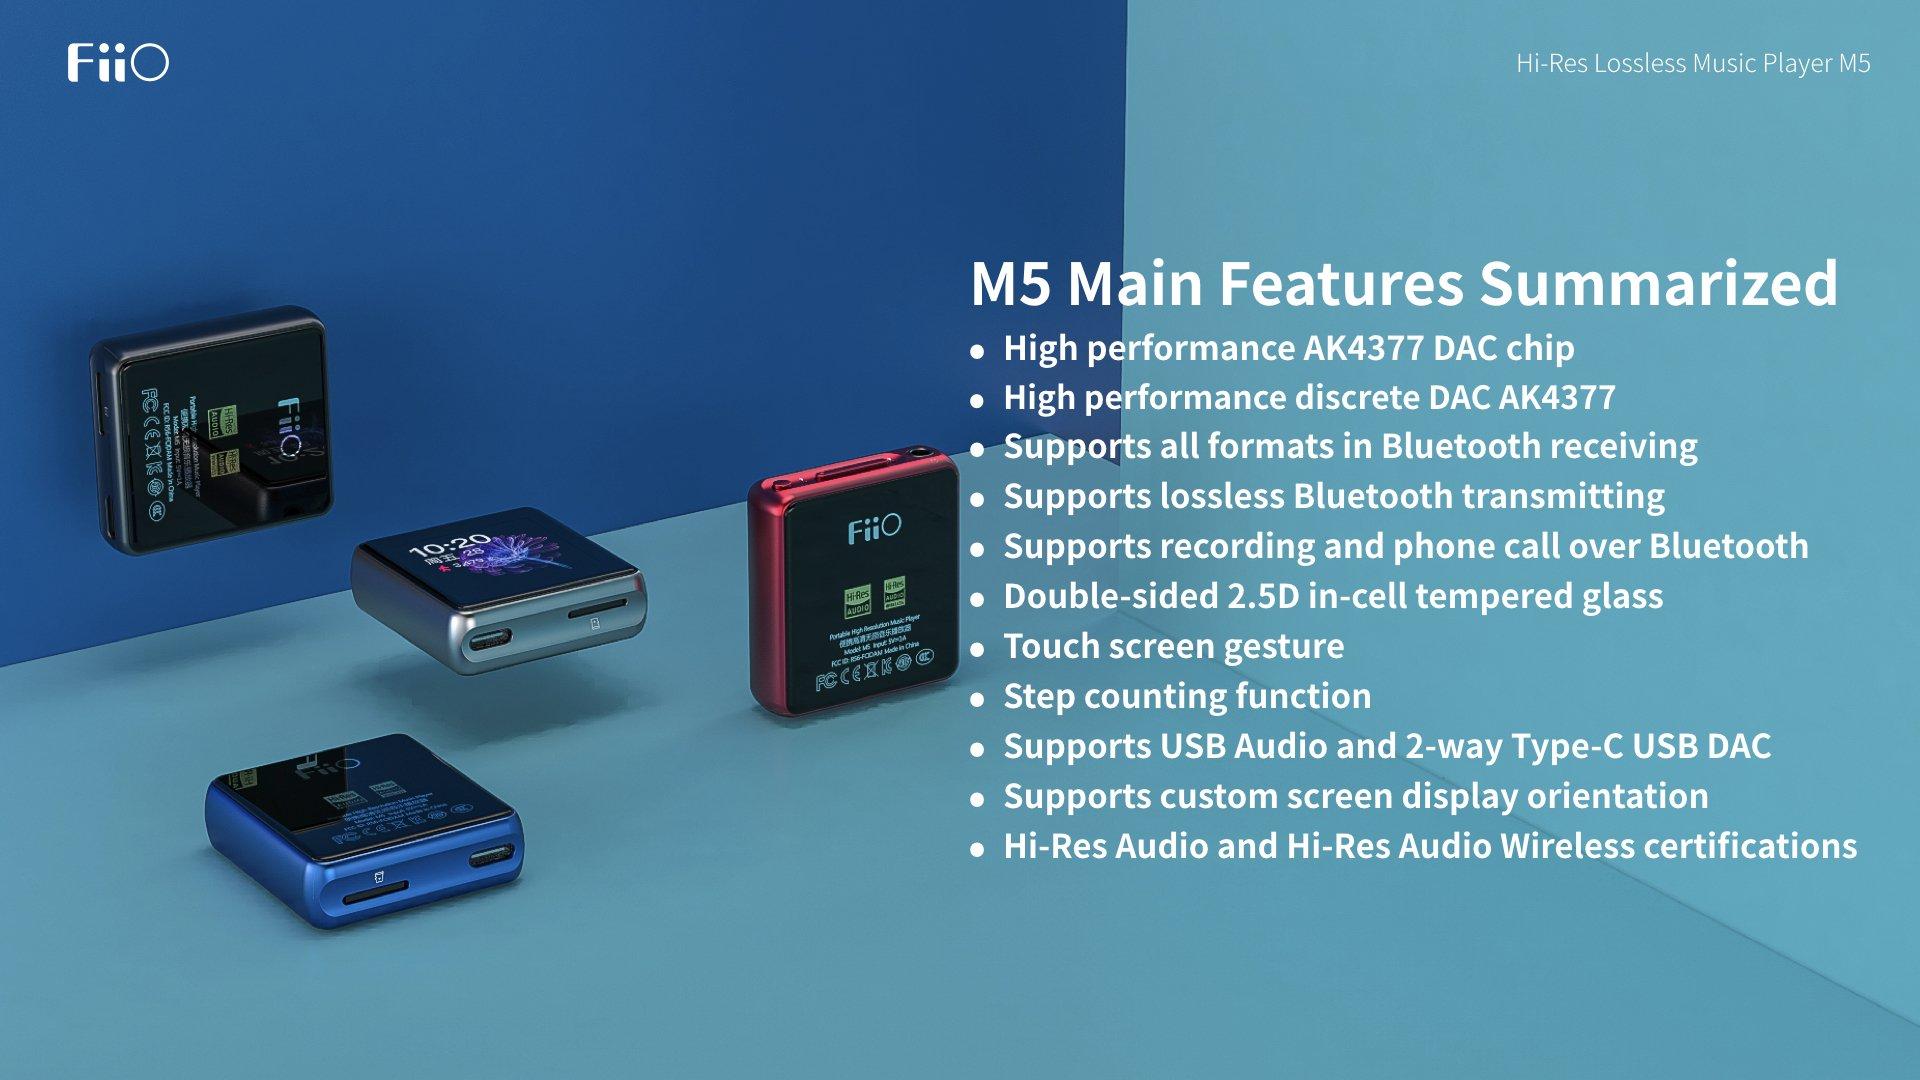 FiiO announces the Q5s DAC/AMP ($350), AM3D Amp module ($150